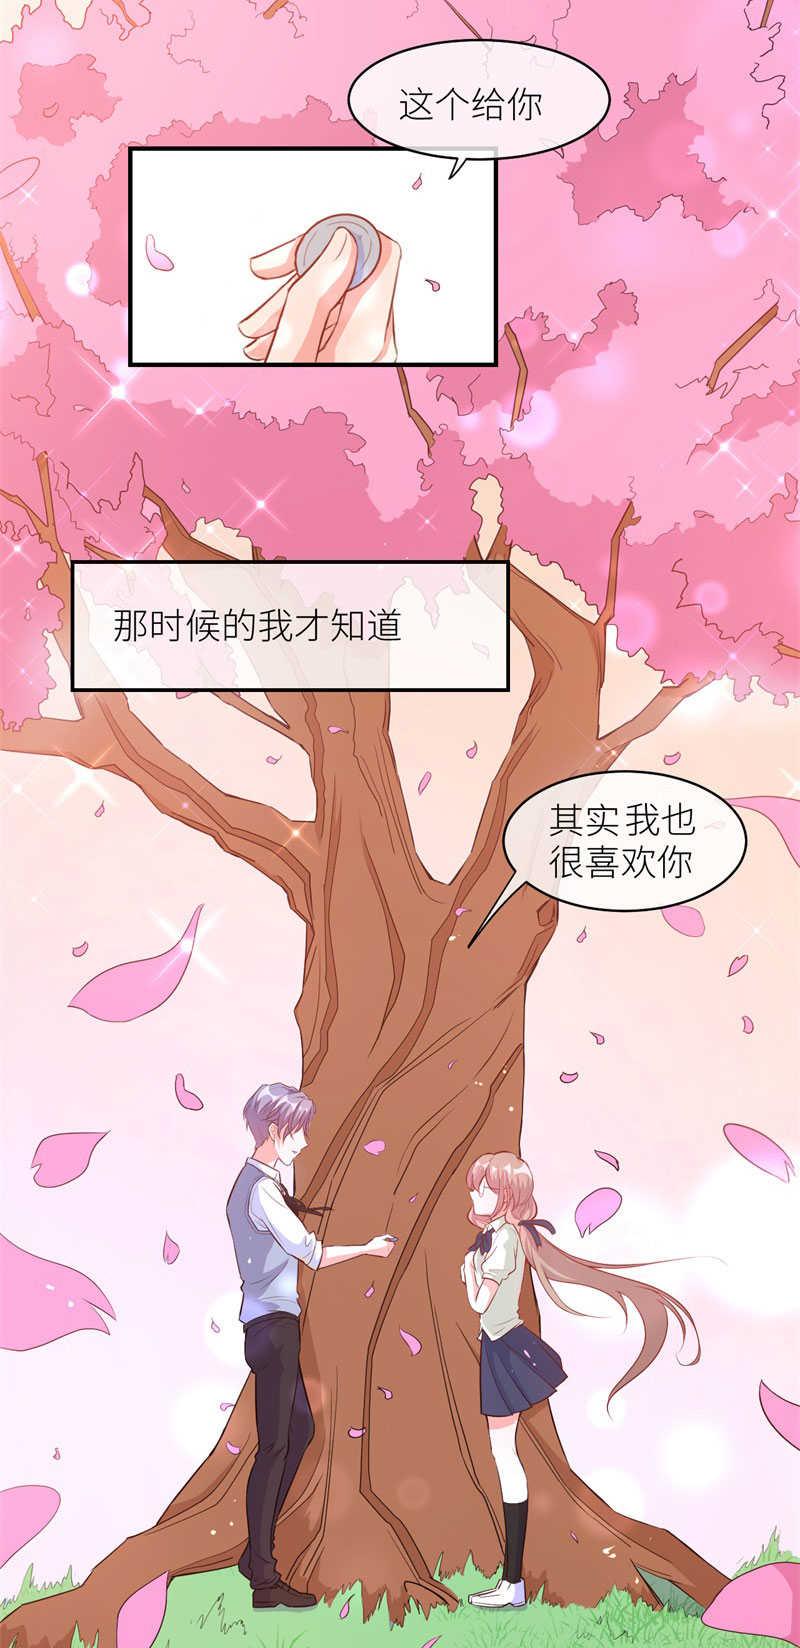 暗恋成婚第14话  014往事回忆 第 31